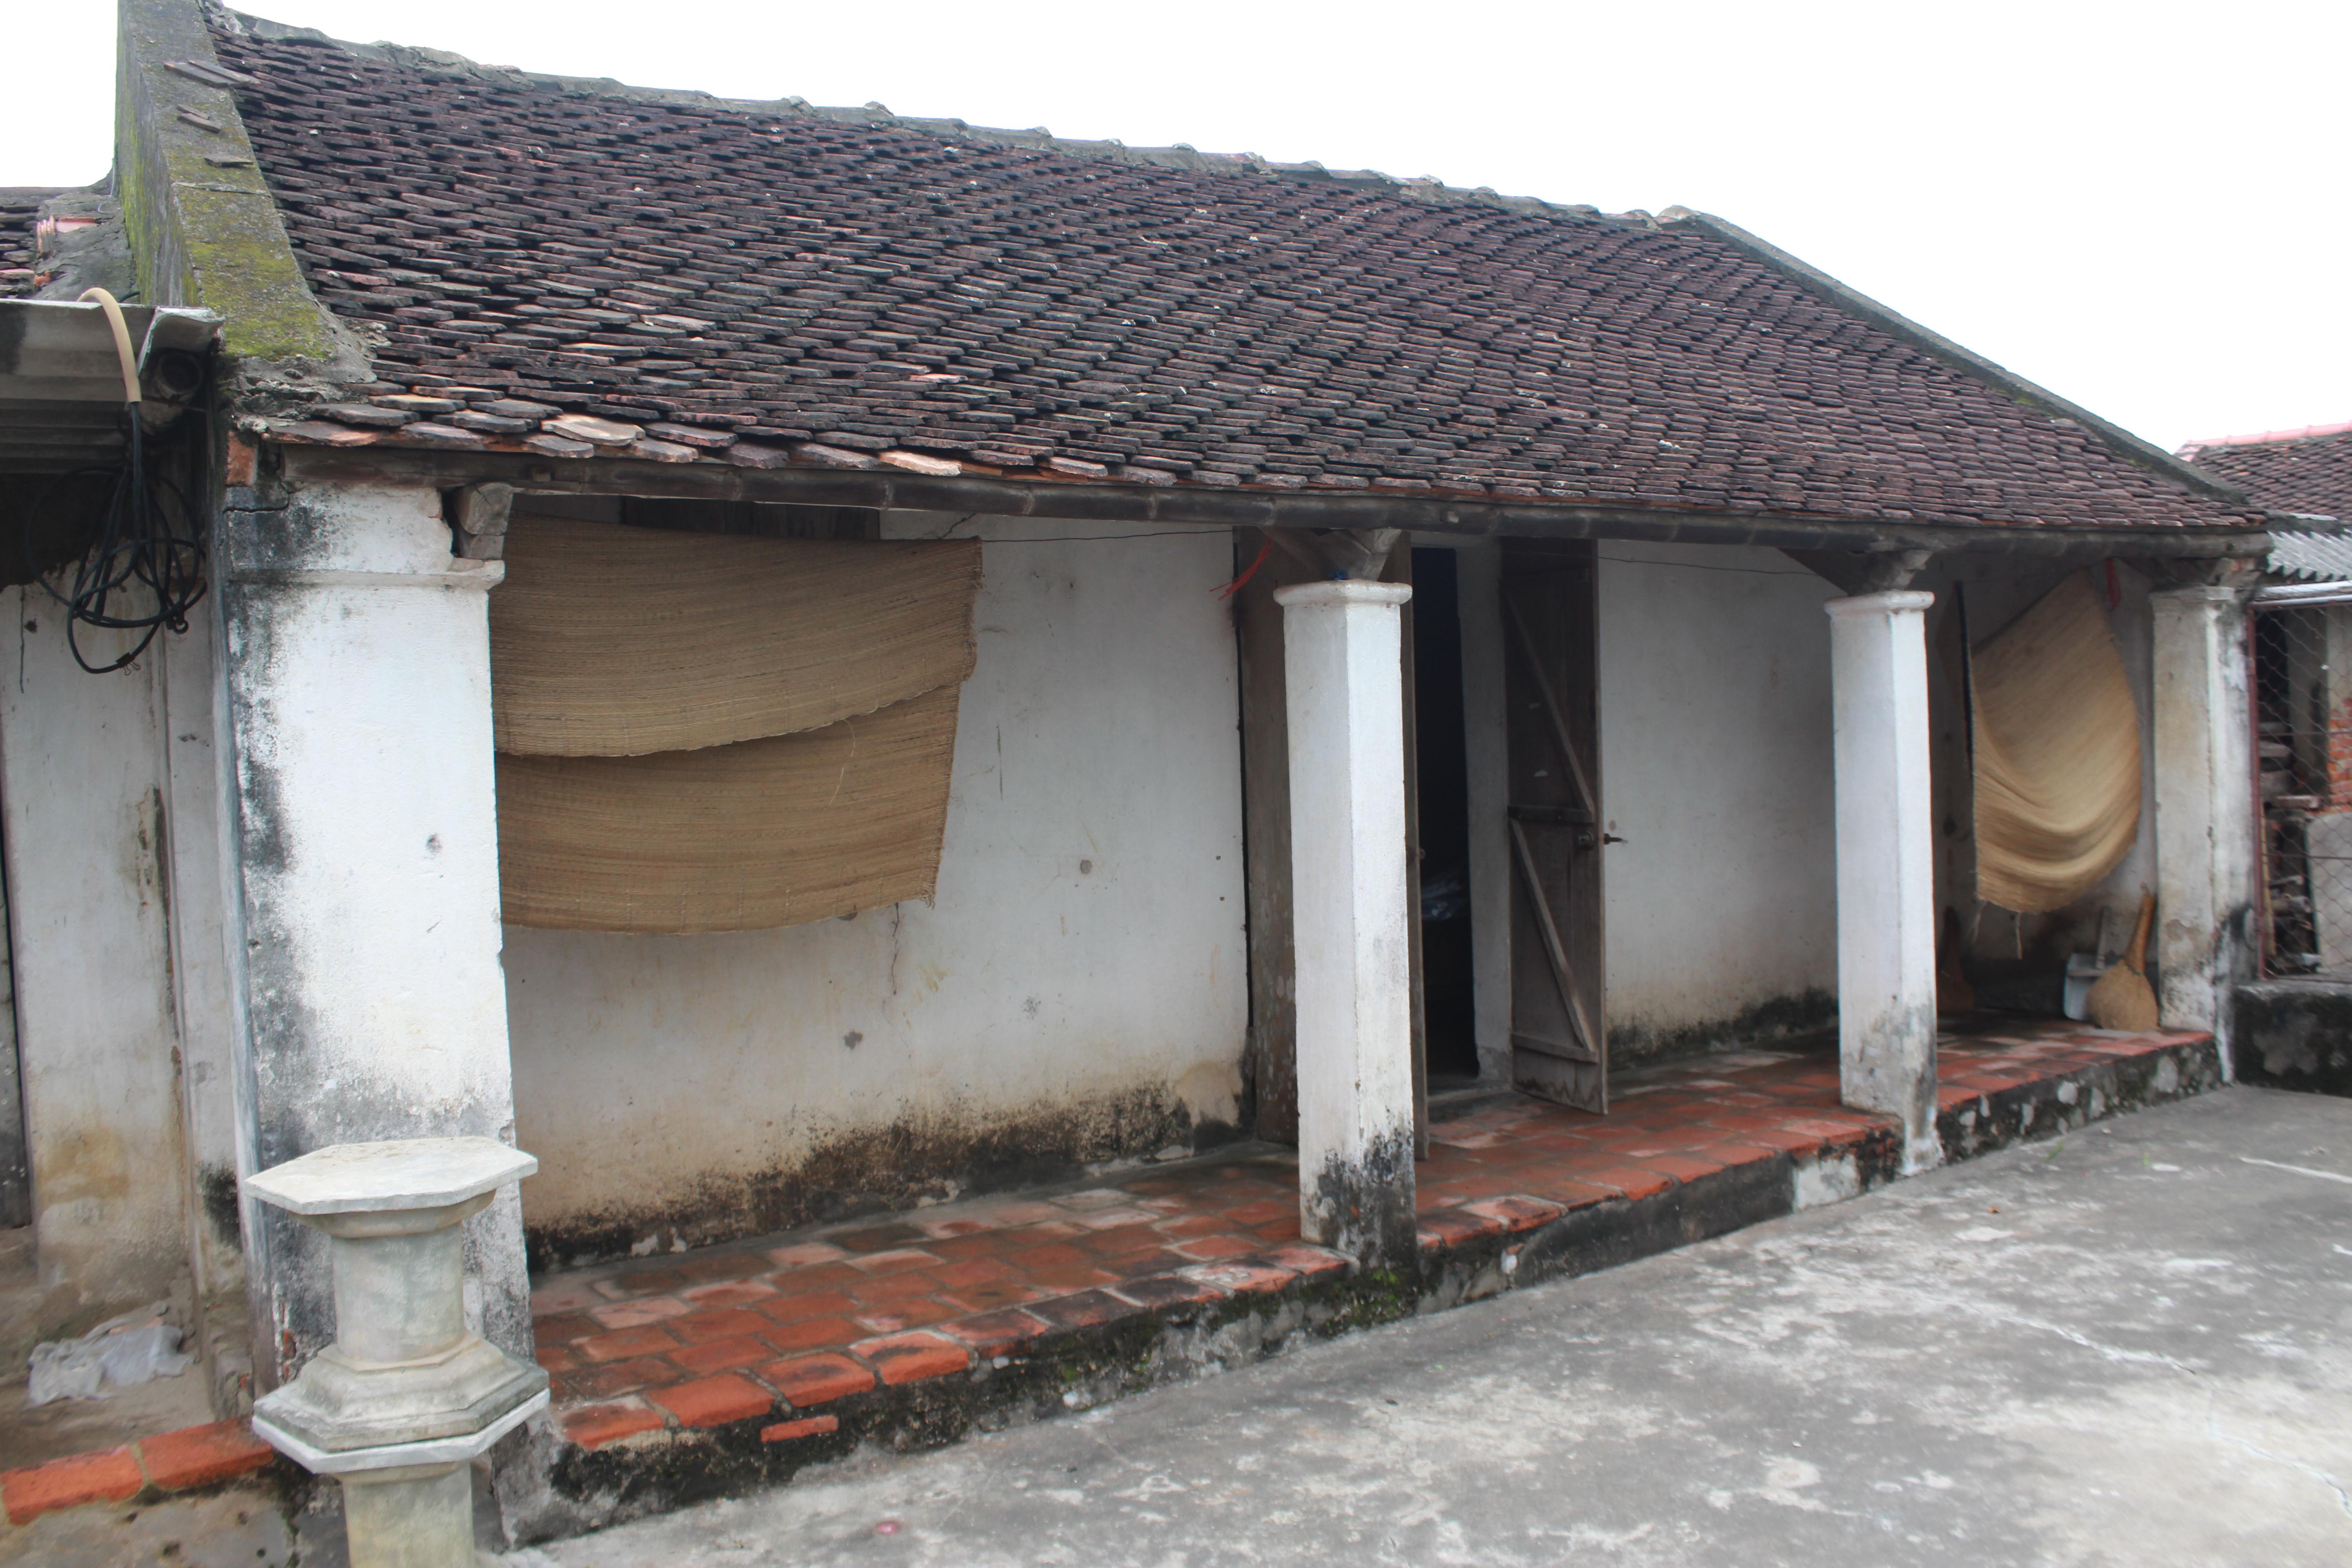 Căn nhà nhỏ mà thượng tá Quế dự định cất lại khi trở về quê hương.